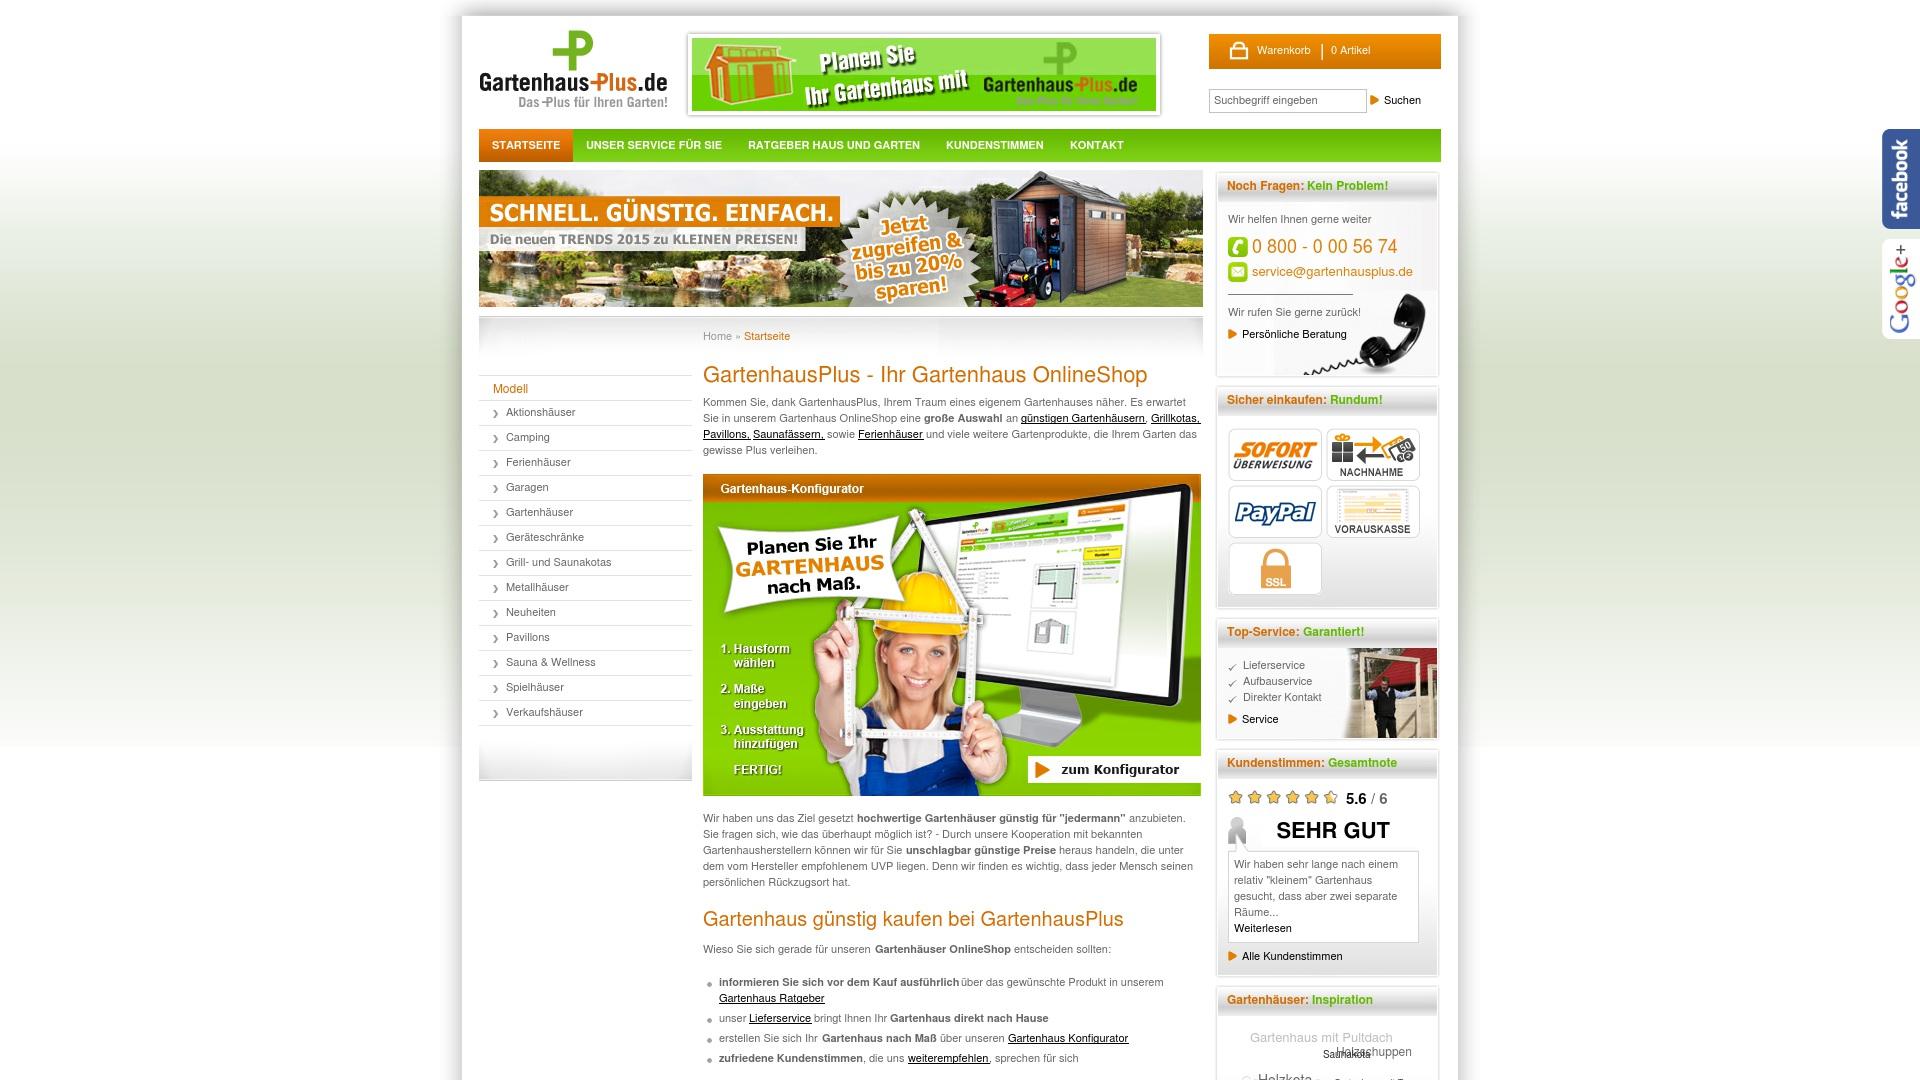 Gutschein für Gartenhausplus: Rabatte für  Gartenhausplus sichern